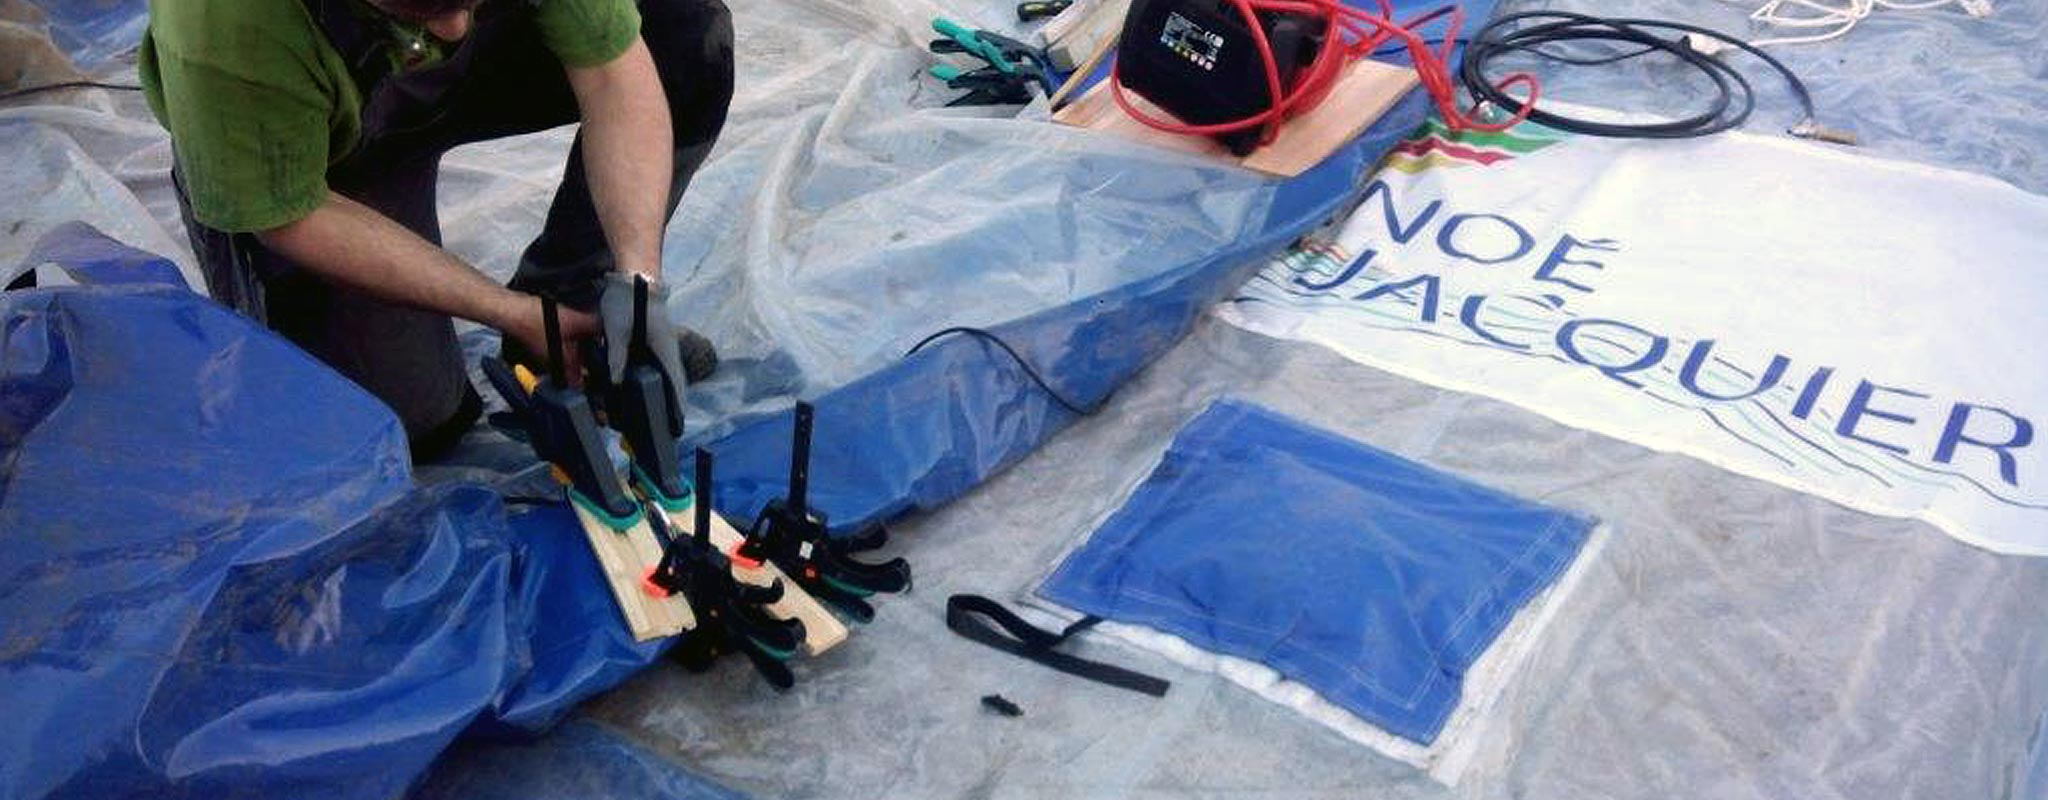 SAV, réparation, entretien de structures gonflables.